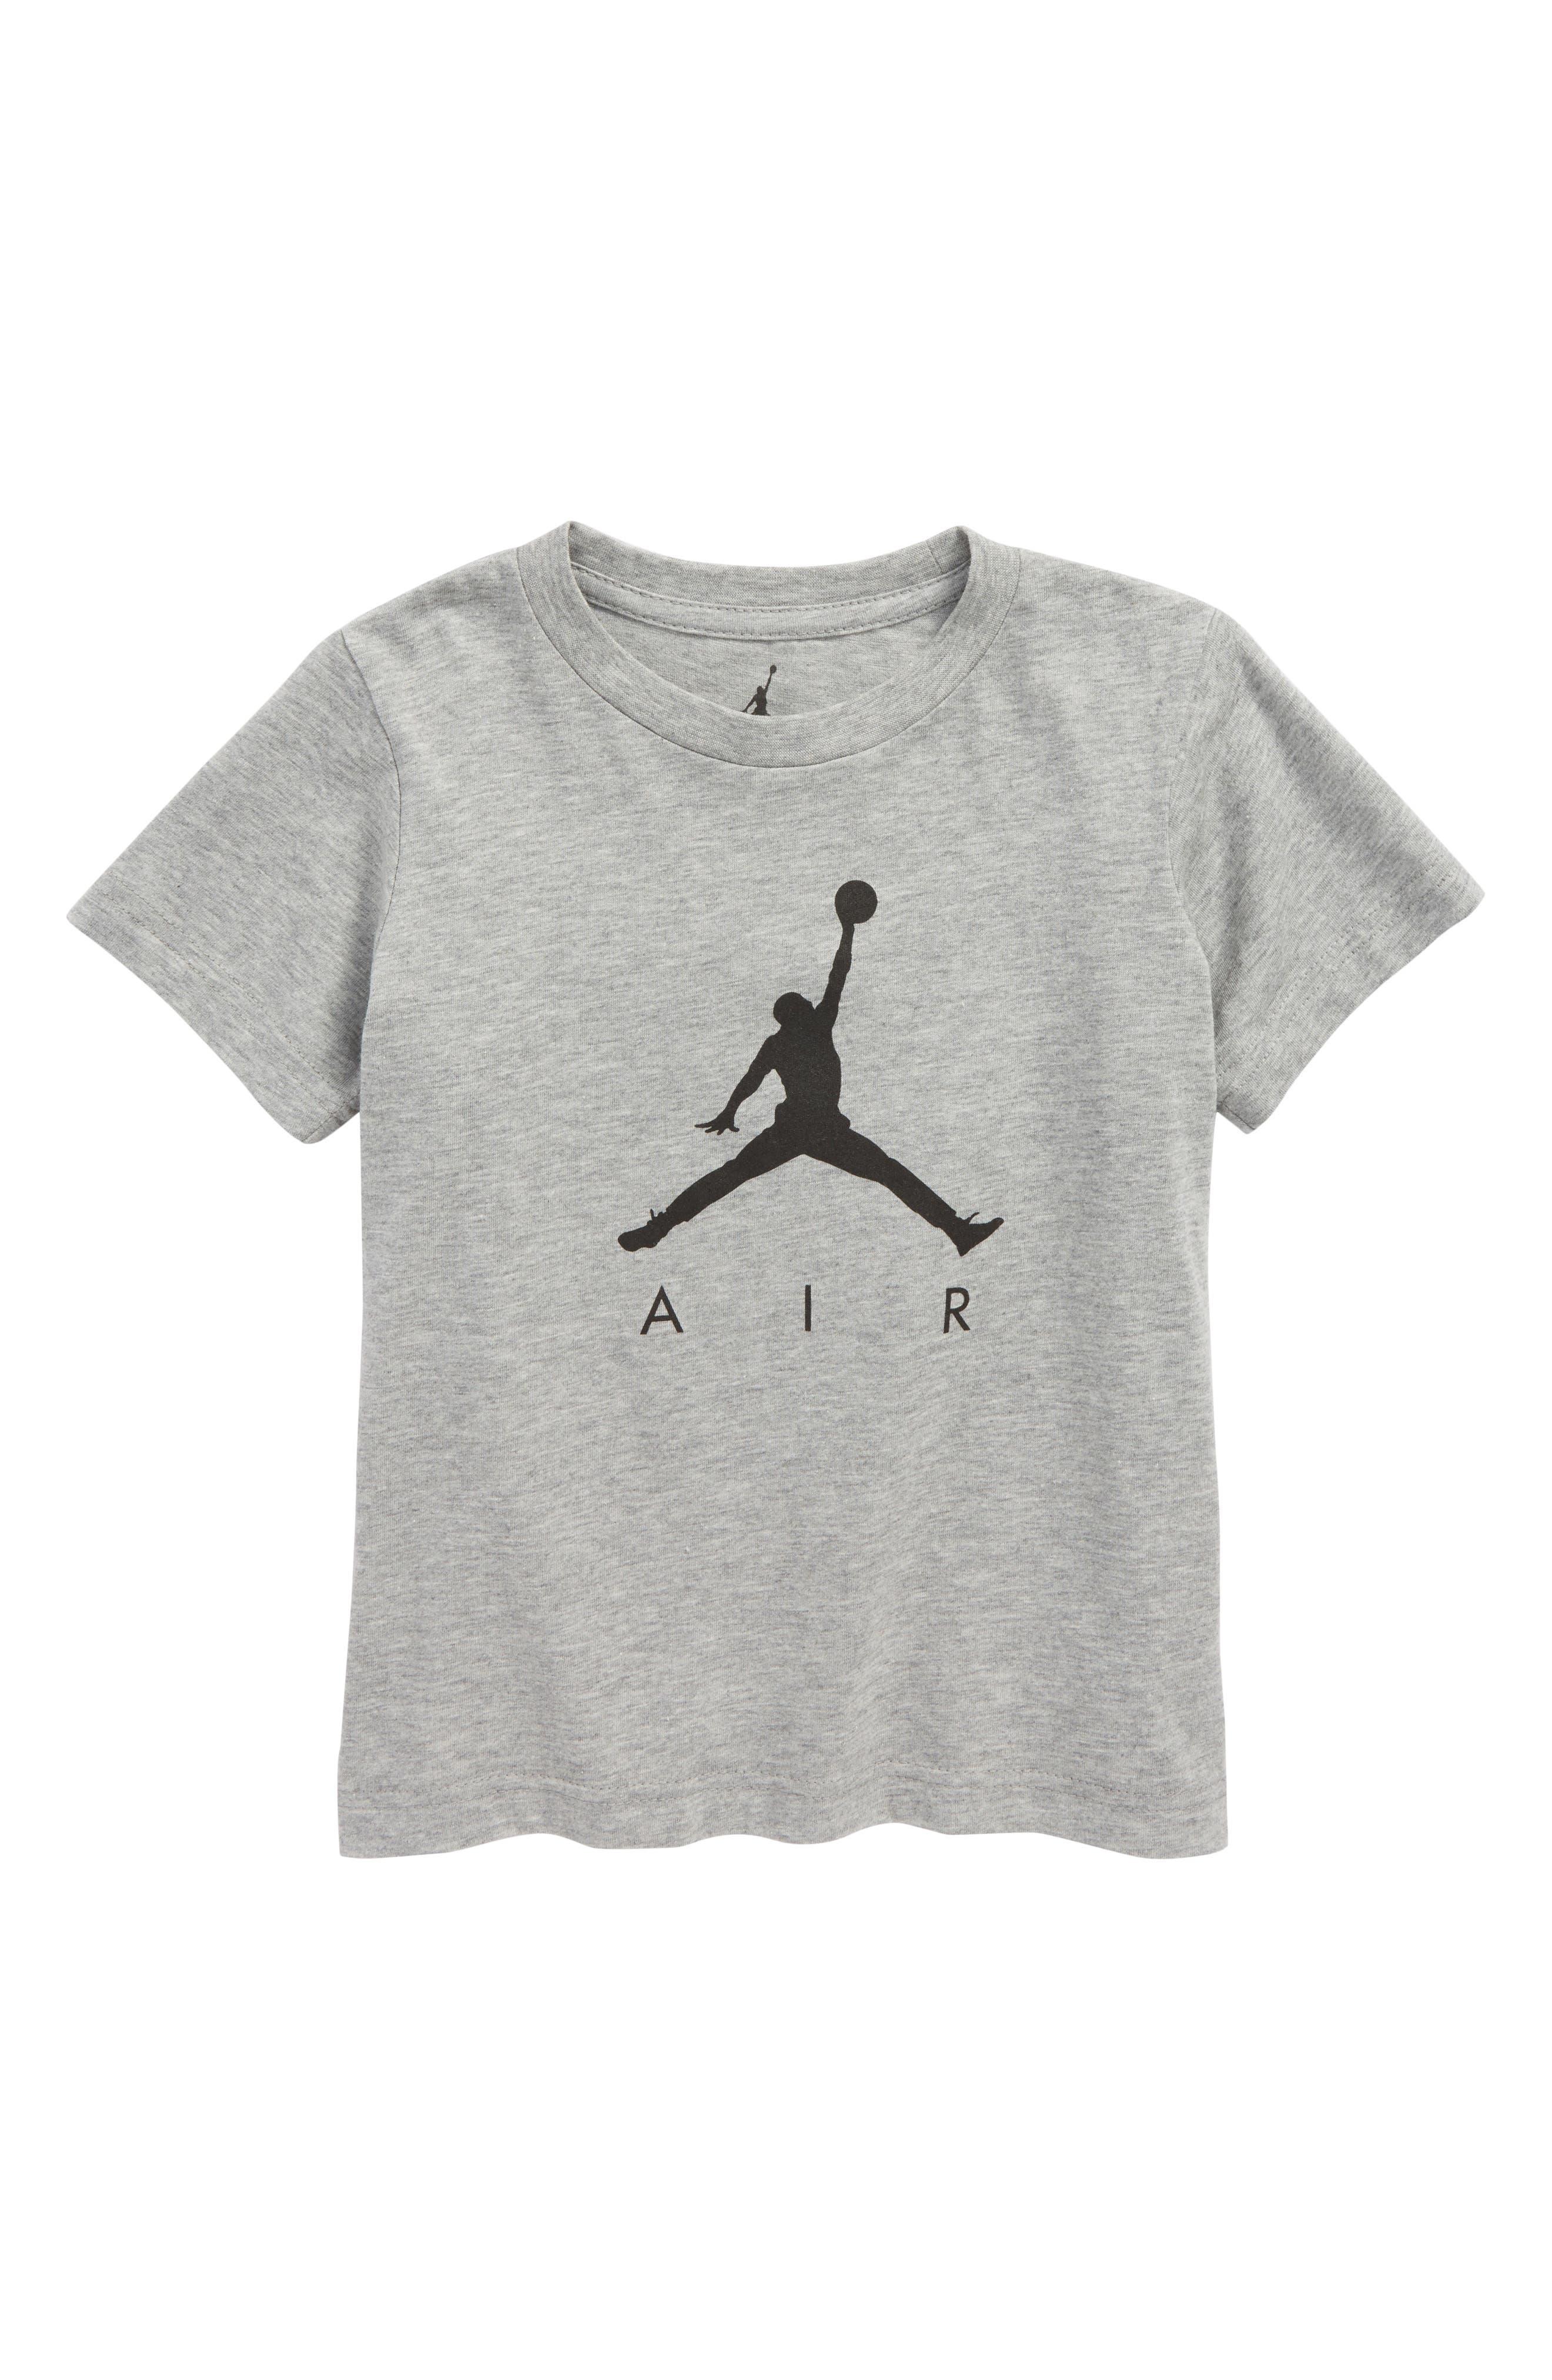 Alternate Image 1 Selected - Jordan AJ3 Graphic T-Shirt (Toddler Boys & Little Boys)